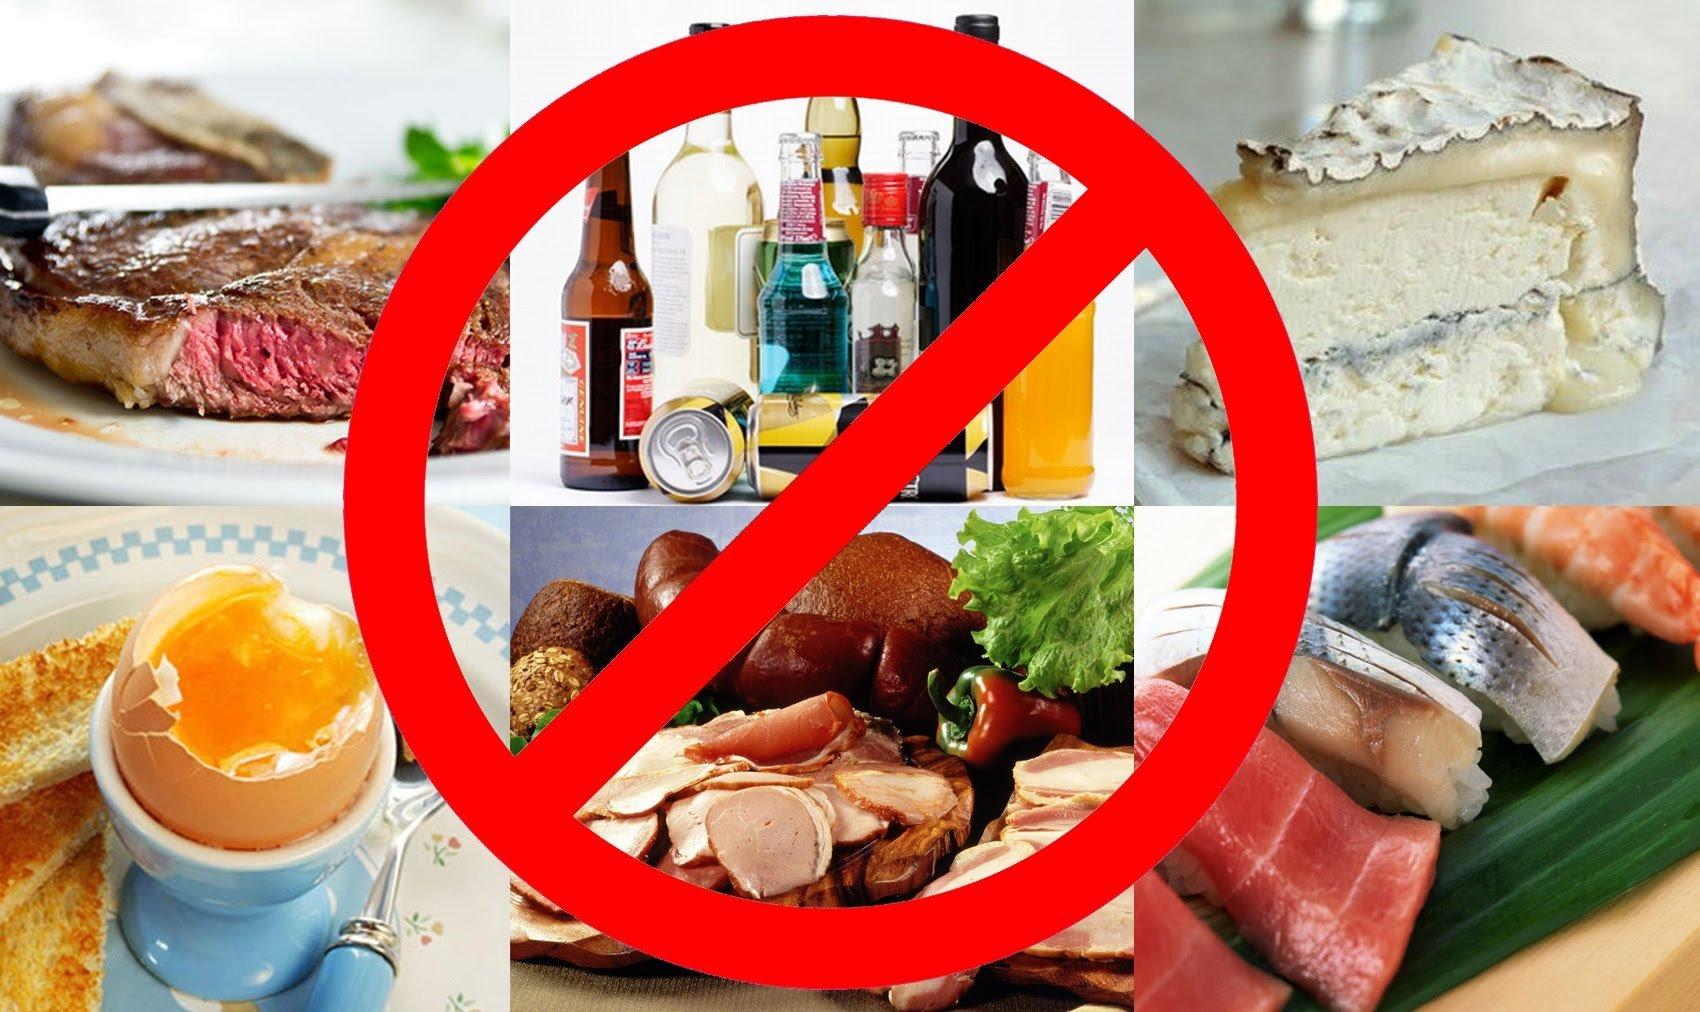 Нельзя кушать жирное мясо, жареные блюда, фаст-фуд